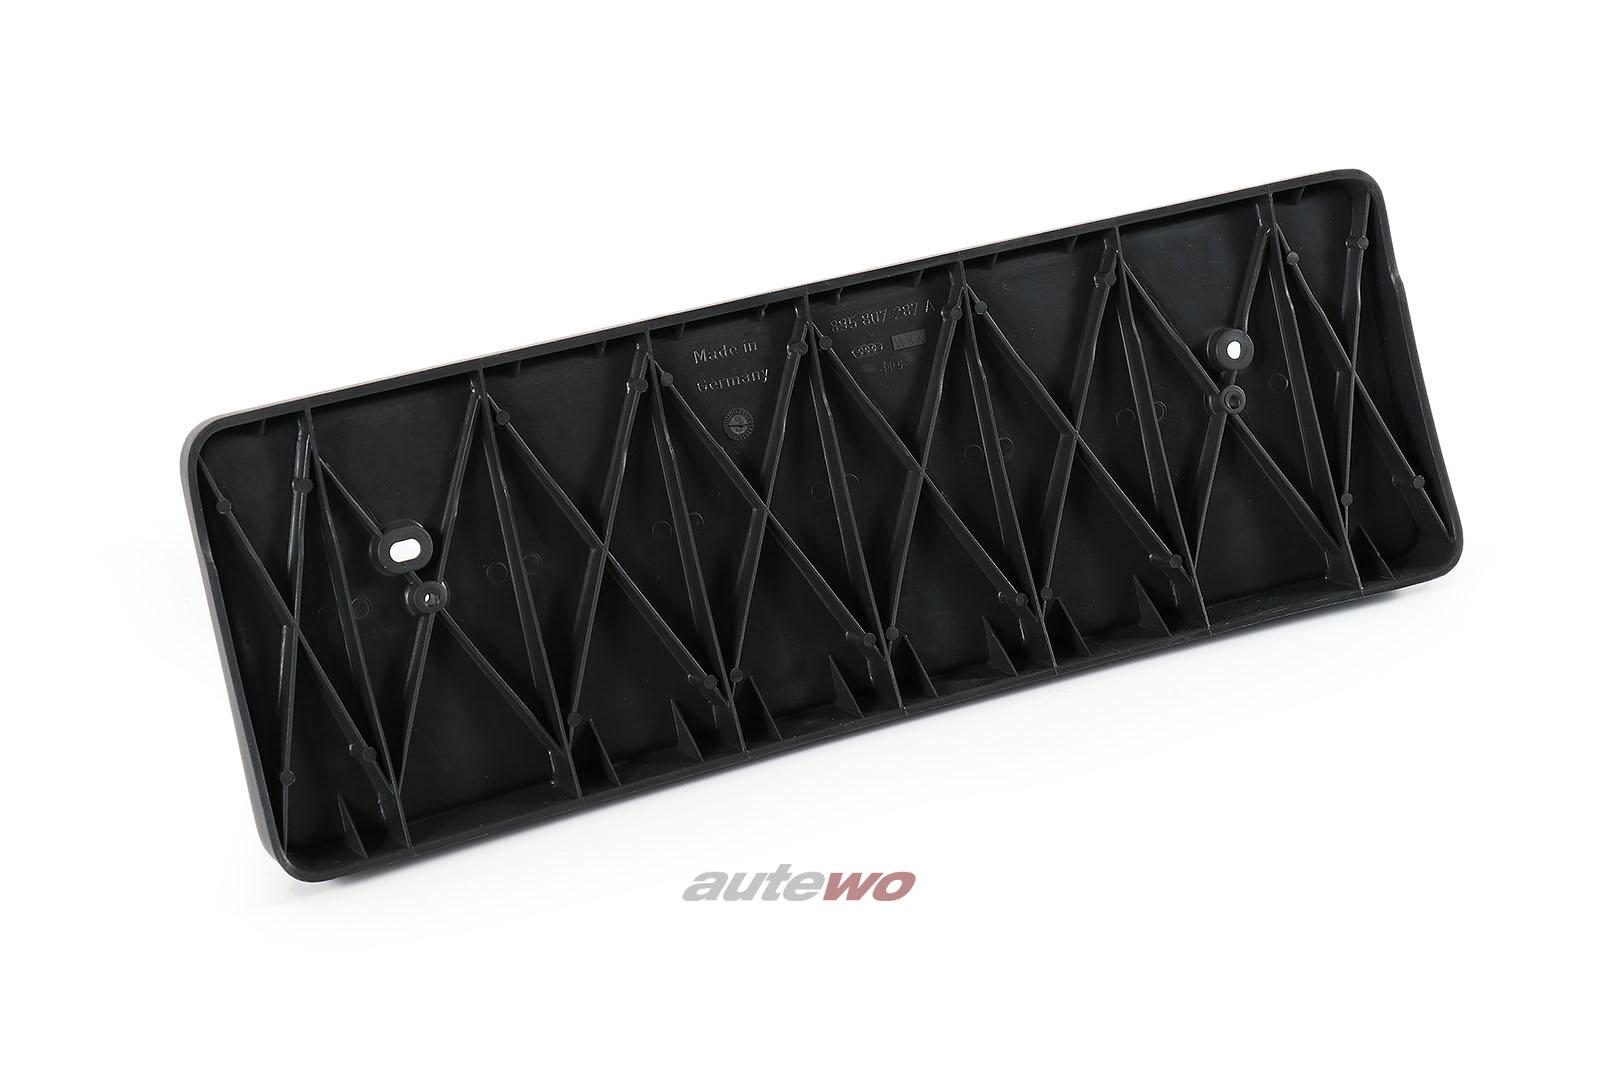 895807287A NEU Audi 80 B4 S2/Coupe/Cabrio 89 US-Kennzeichen-Halter Stoßstange Vo